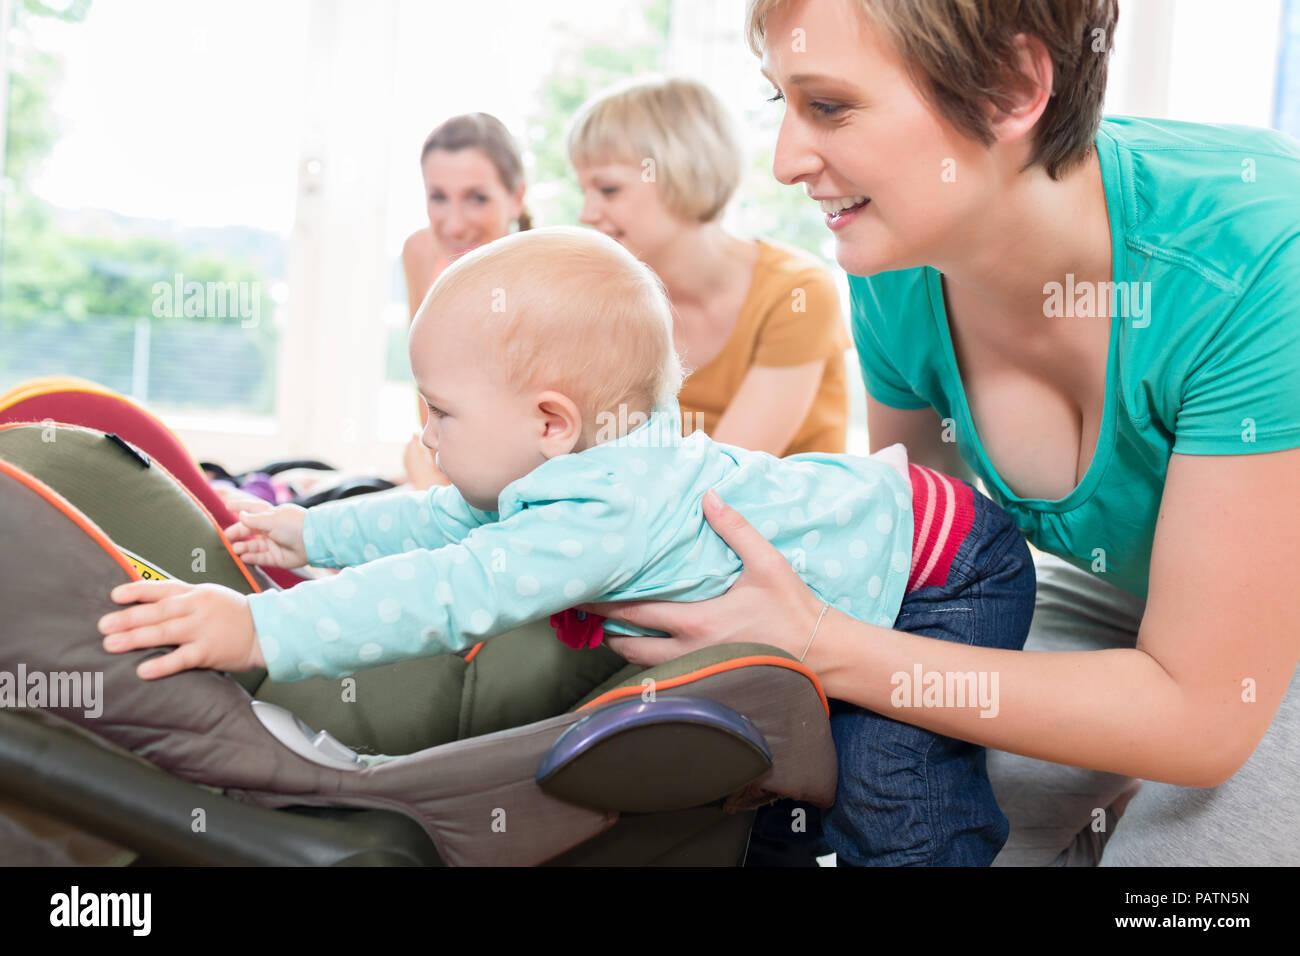 Le mamme e i bambini nella madre e bambino corso pratica Immagini Stock